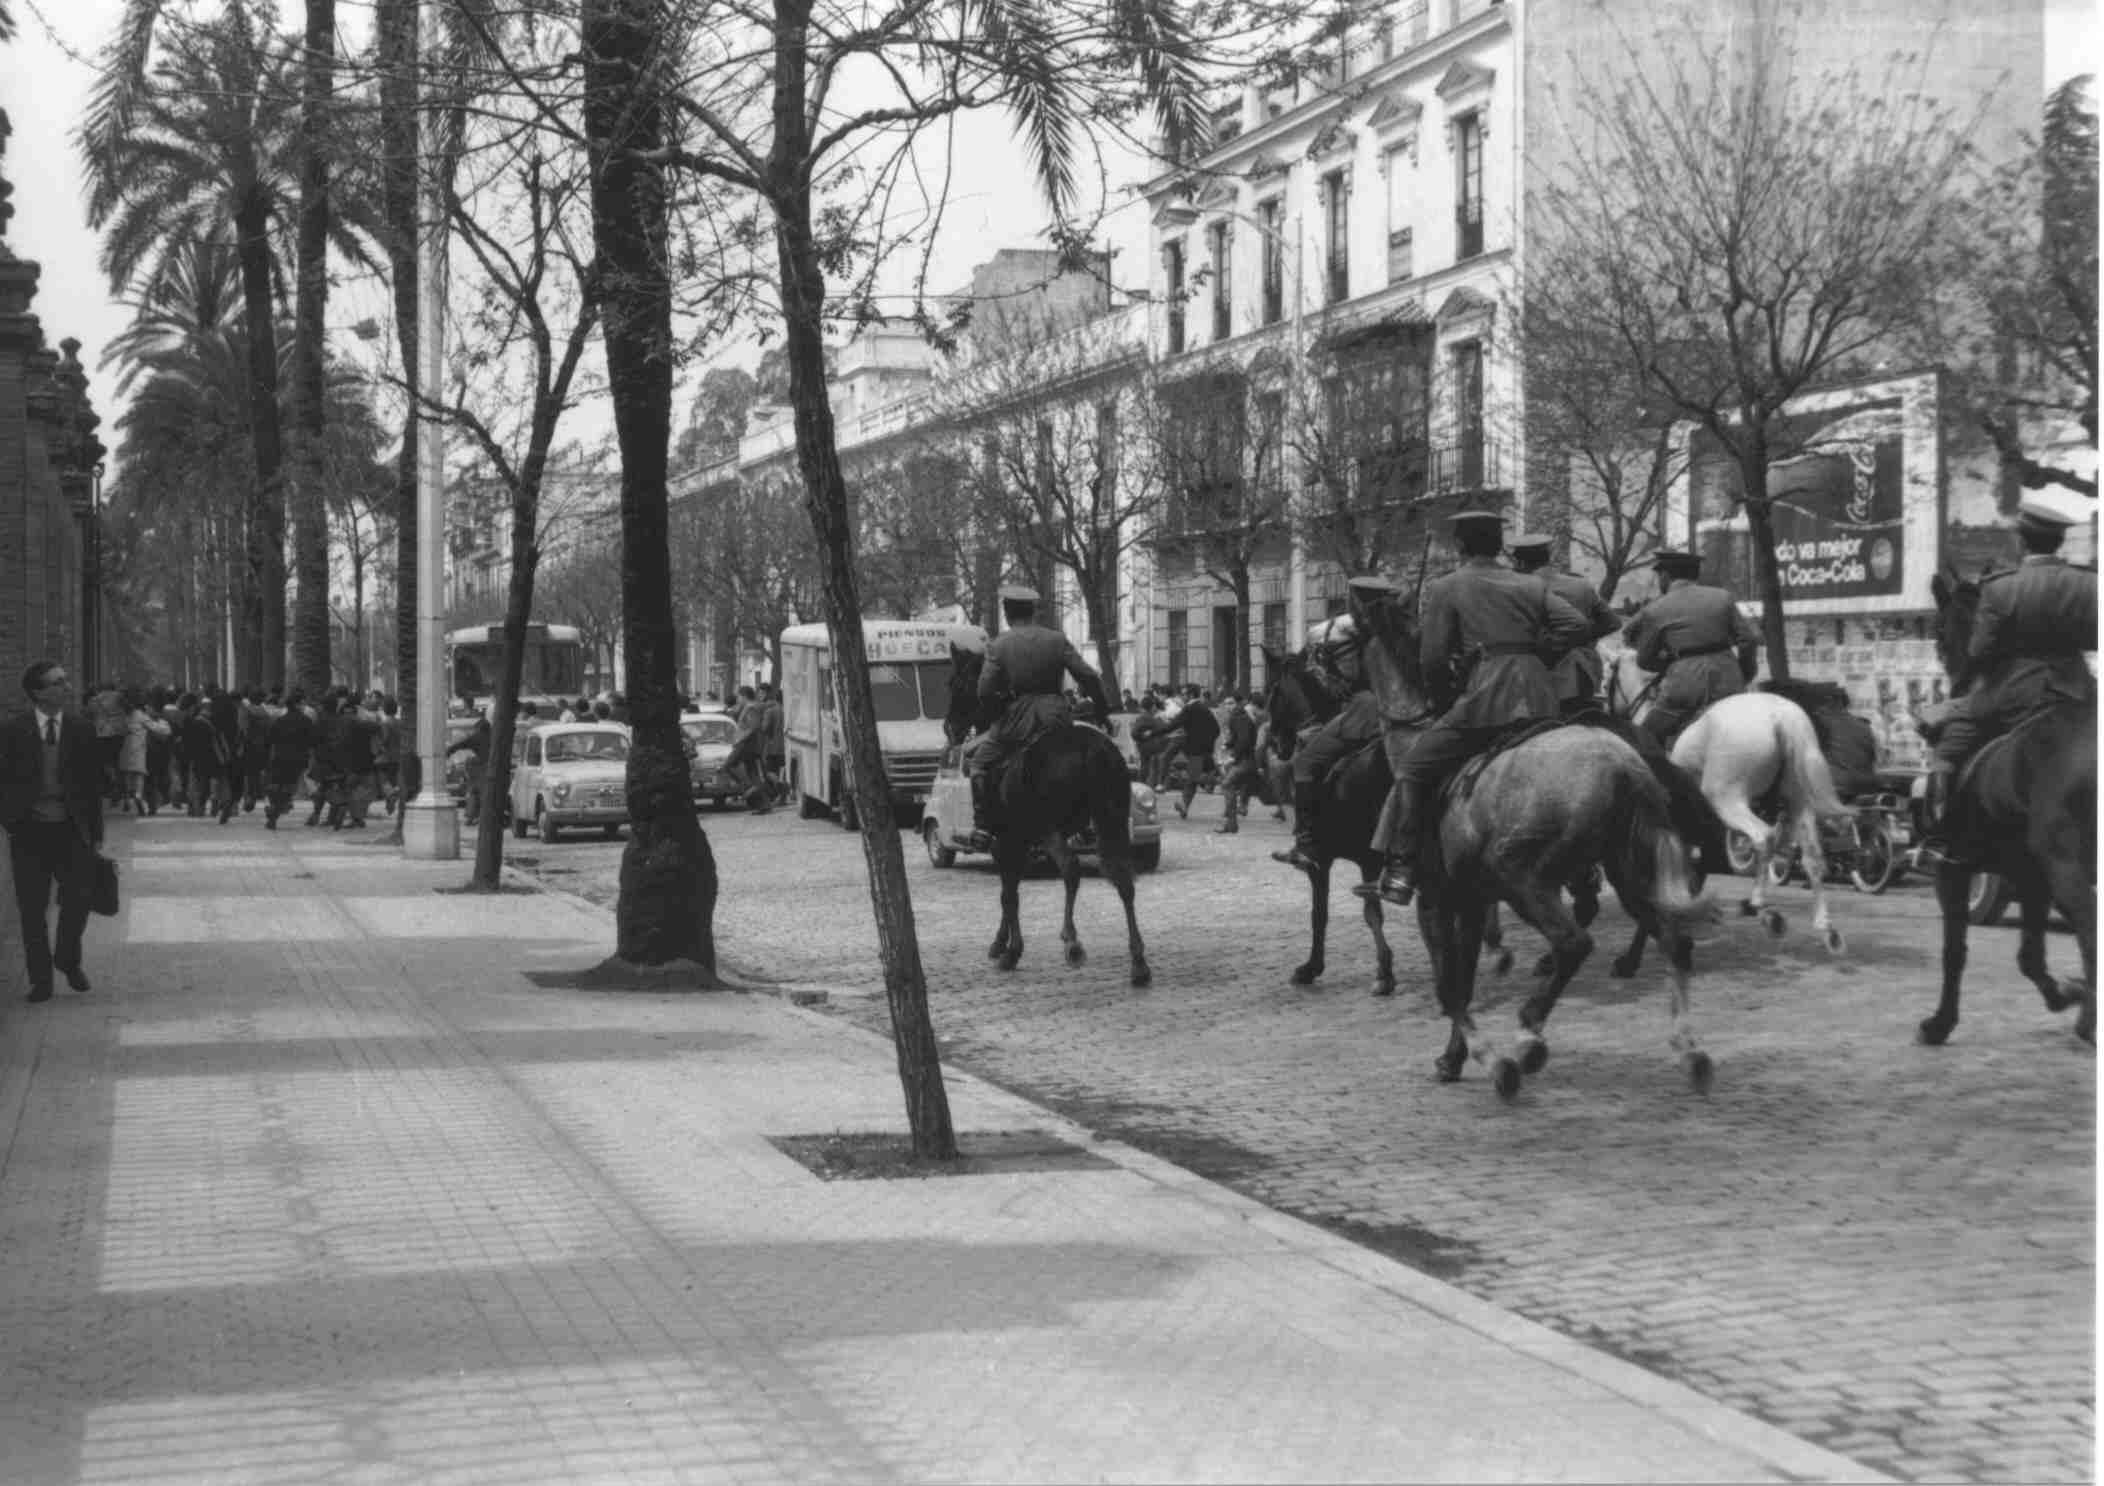 Policía-carga-ante-Universidad-Sevilla-calle San Fernando, en marzo de 1968 (foto Gelán)